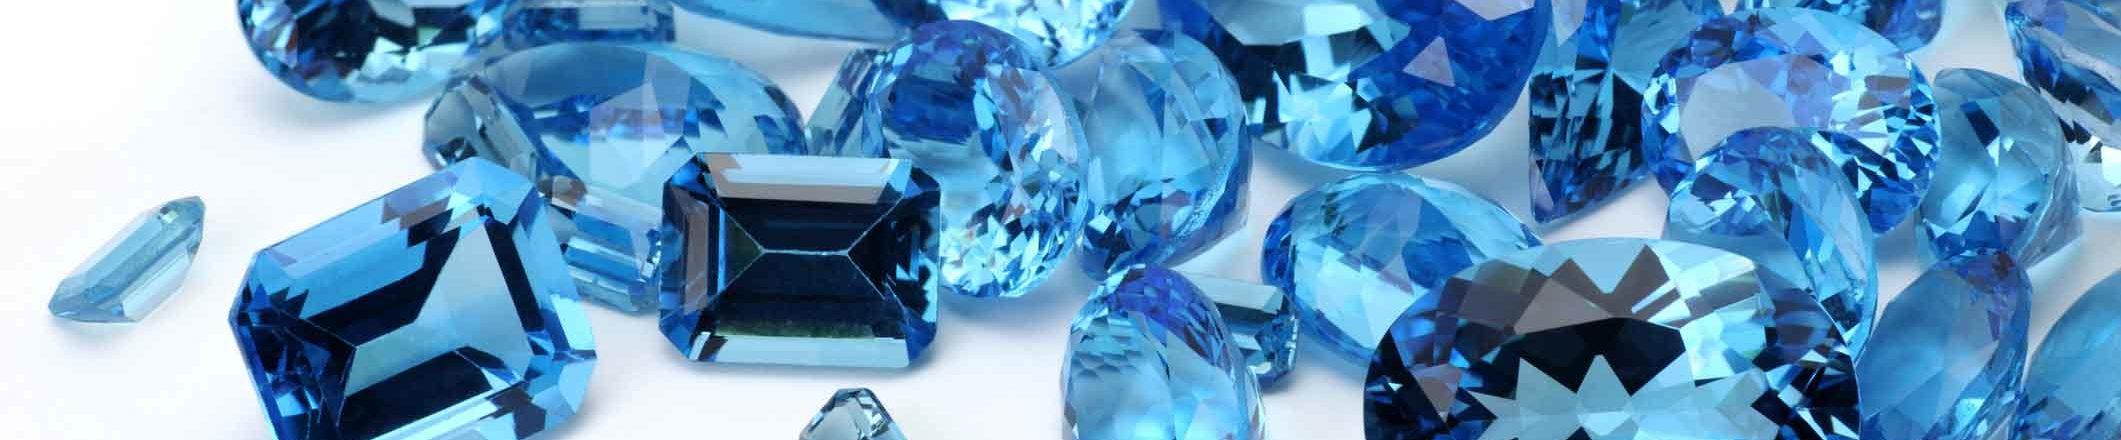 many scattered topaz gemstones